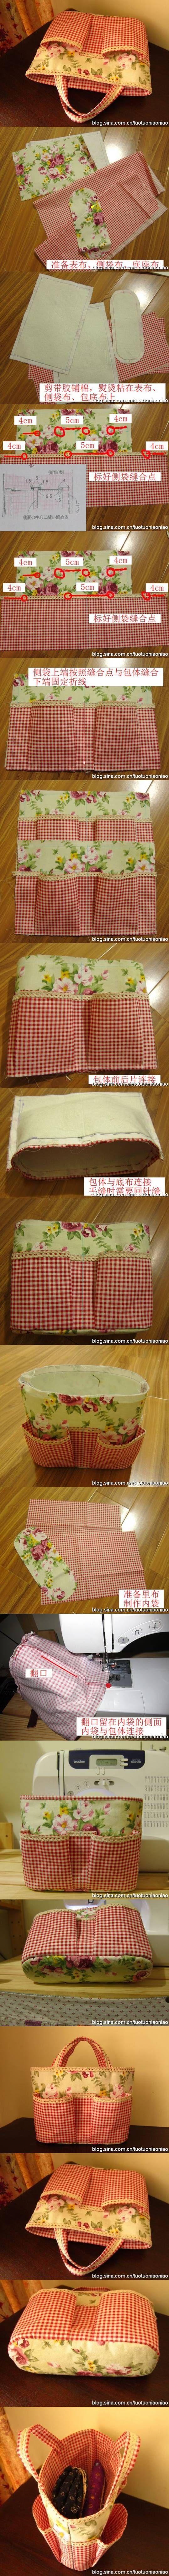 DIY Shop Bags diy easy crafts diy ideas craft deas diy crafts do it yourself easy crafts easy diy craft diy photos crafty diy tutorials craft bag diy tutorial ideas